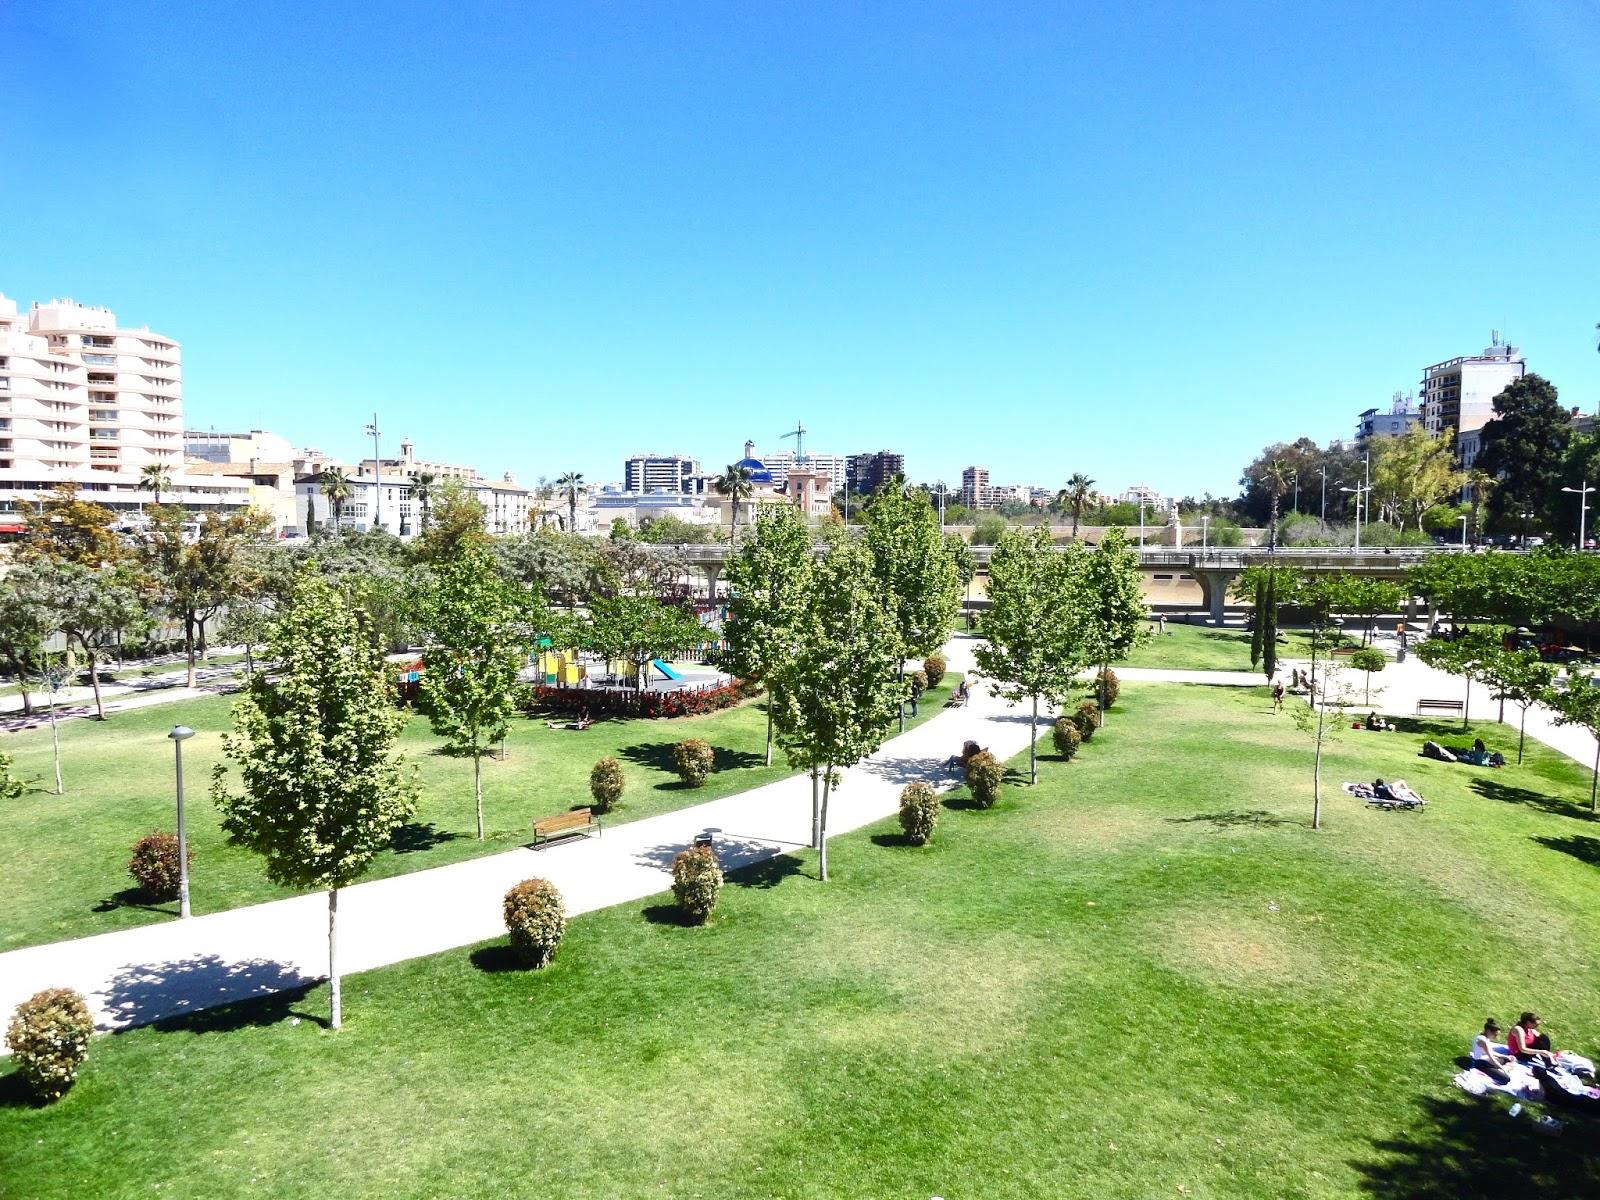 las turias valencia spain view gardens